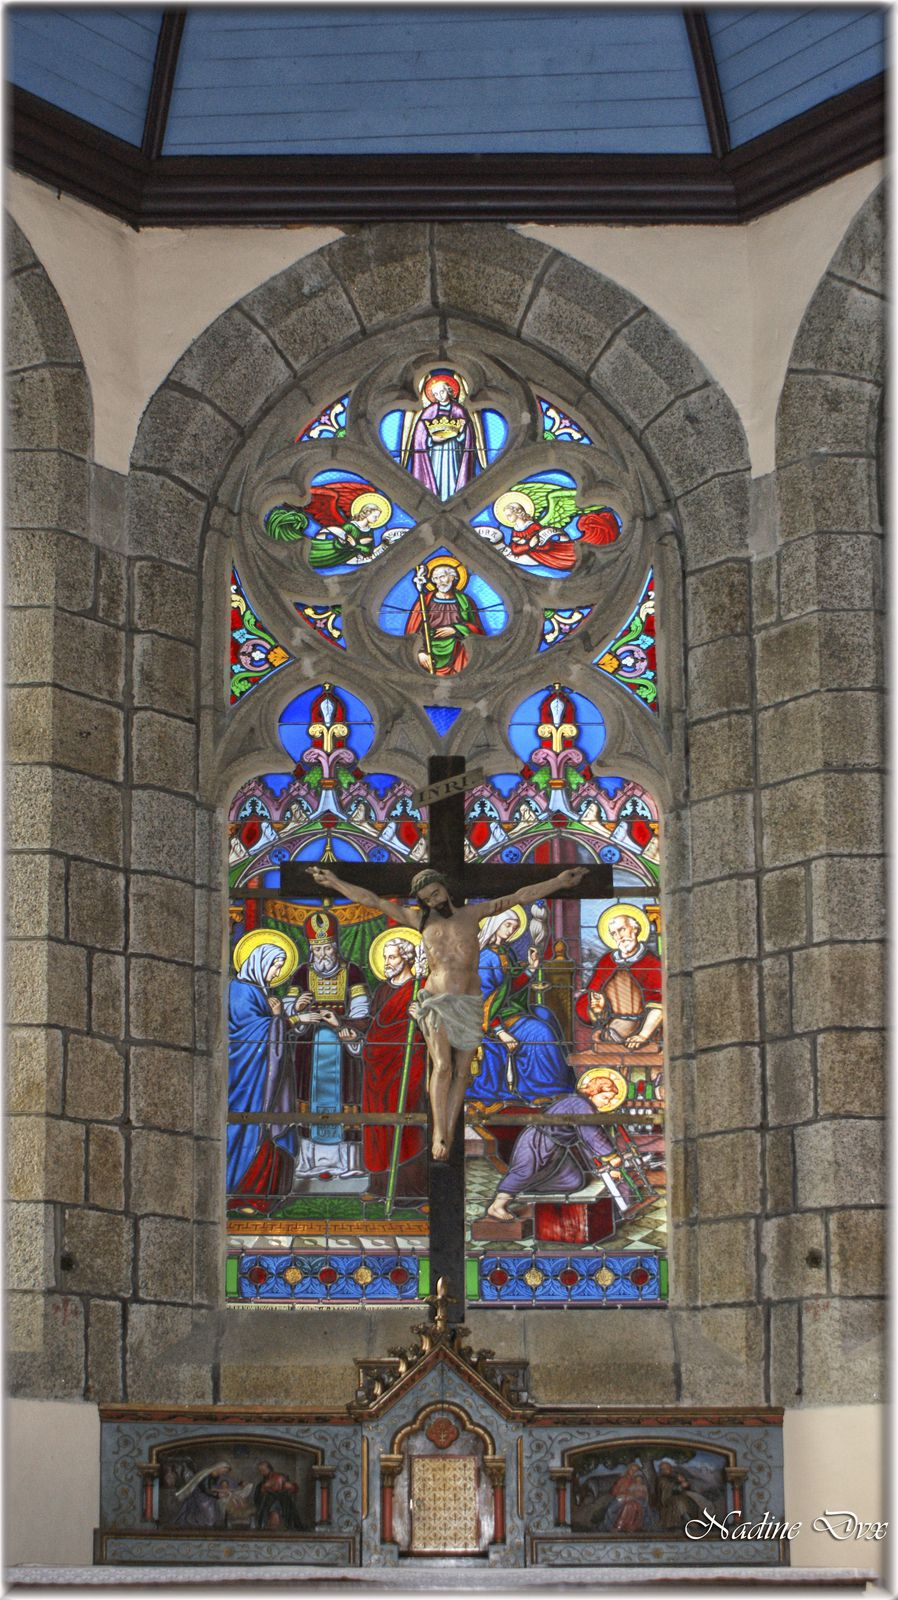 Vitraux modernes du maître verrier Job Guével - Eglise Saint-Joseph de Pont-Aven - 29